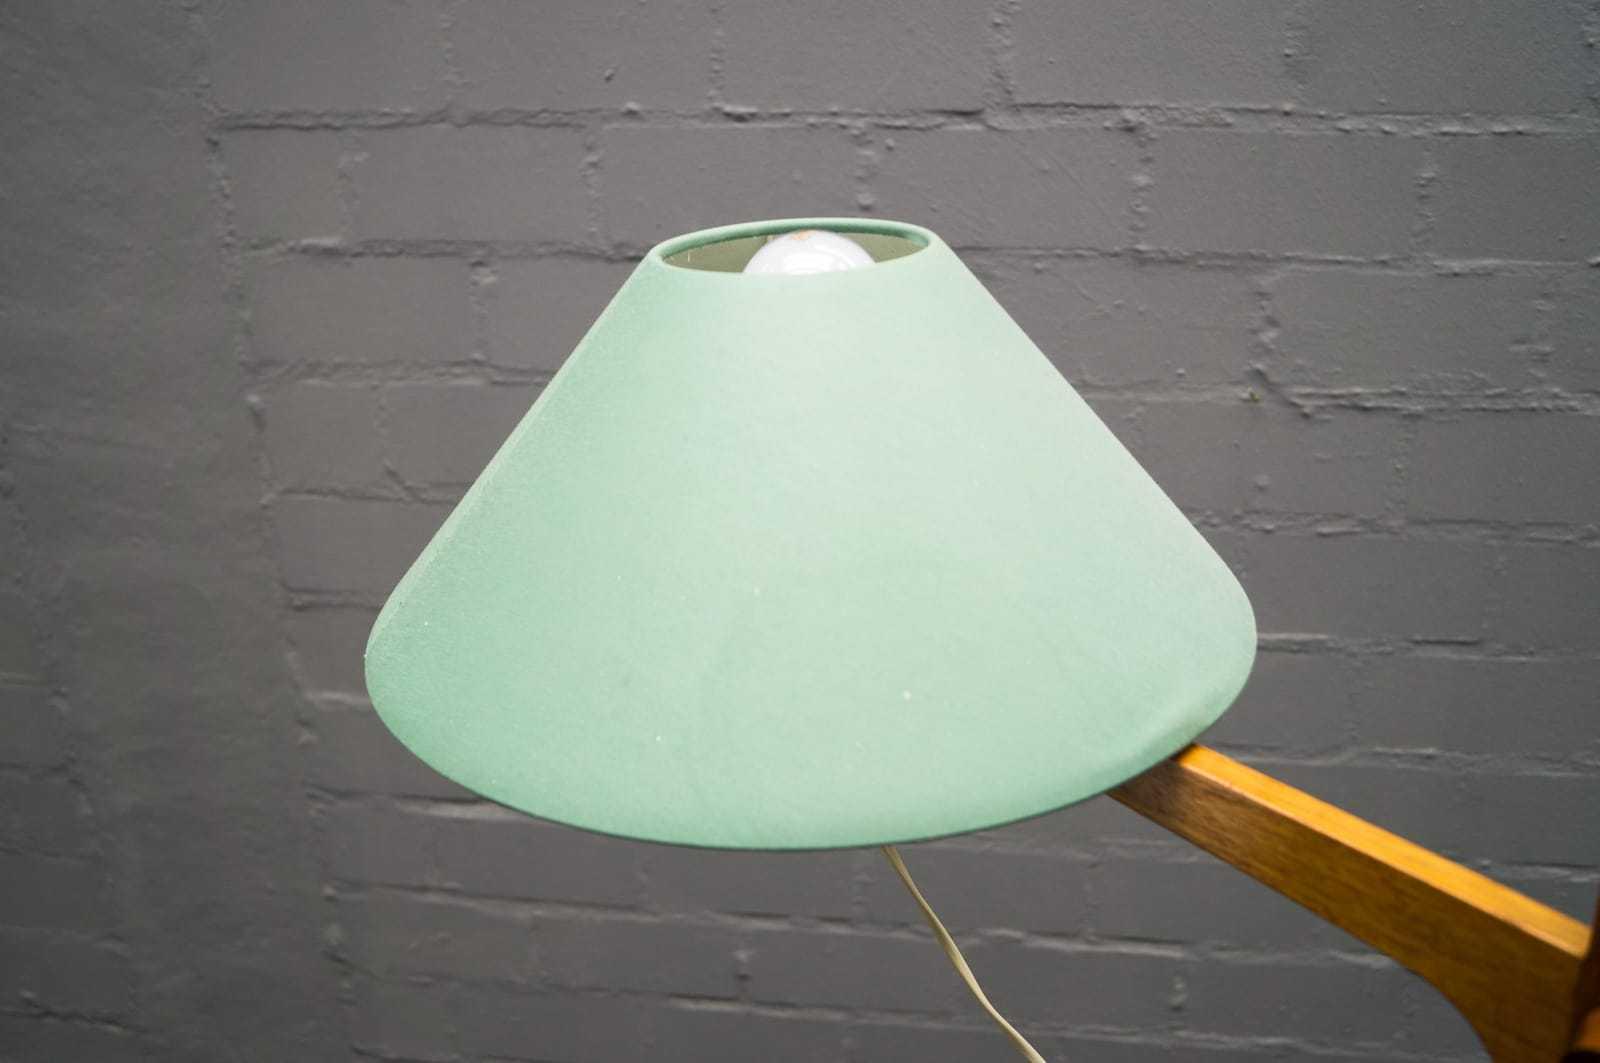 Full Size of Schlafzimmer Lampe Pinterest Bauen Ideen Frs Deckenlampen Wohnzimmer Modern Deckenlampe Für Esstisch Skandinavisch Bad Küche Bett Wohnzimmer Deckenlampe Skandinavisch